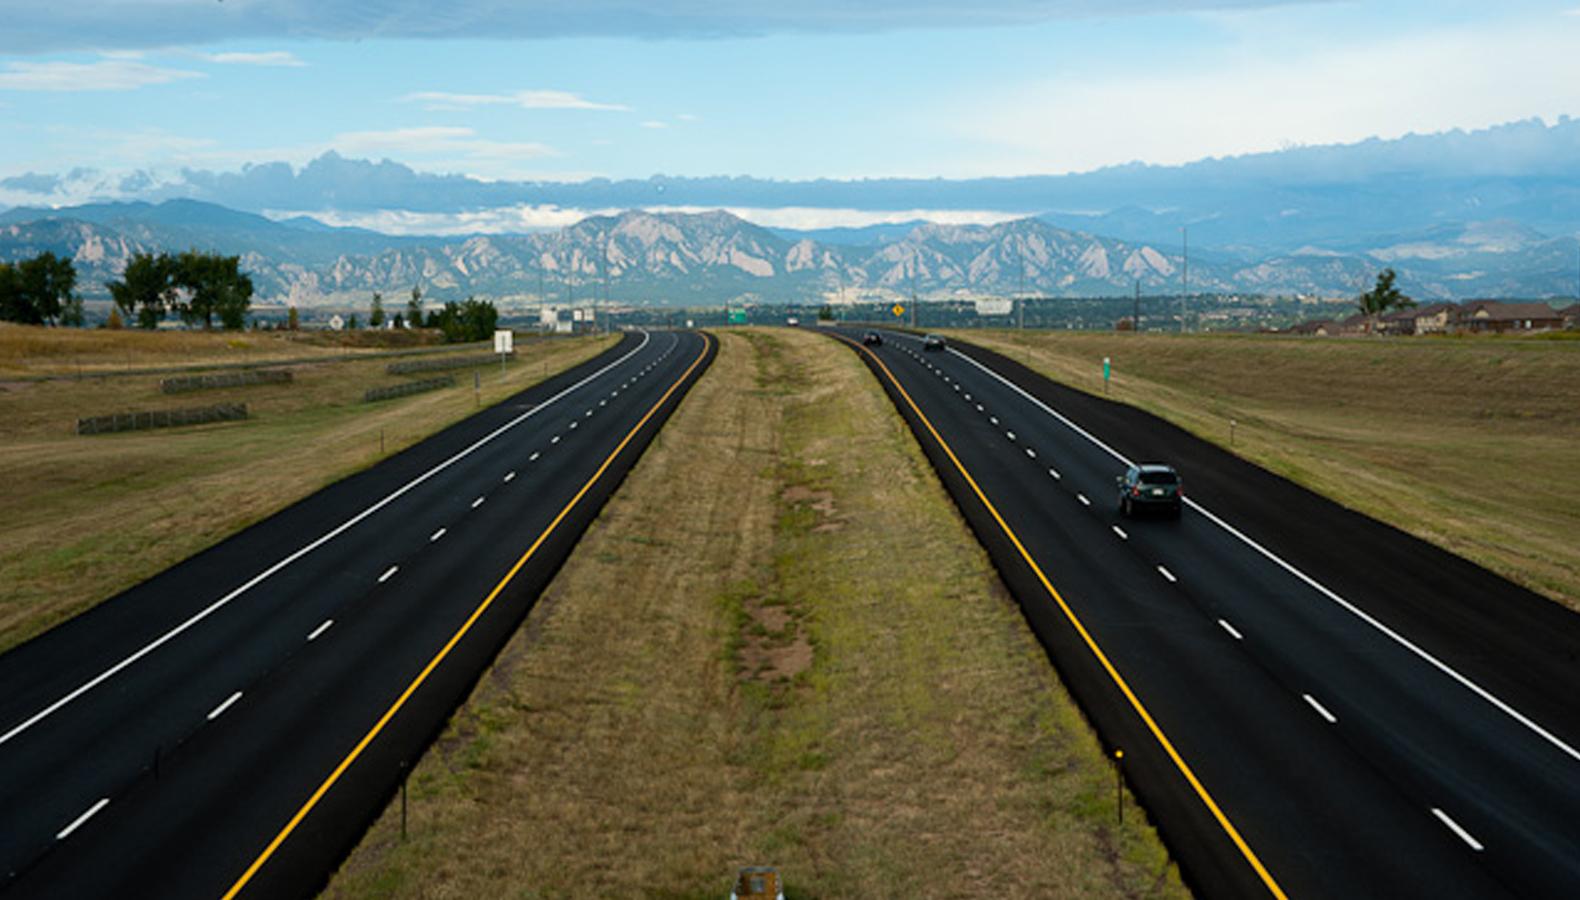 Northwest parkway roads